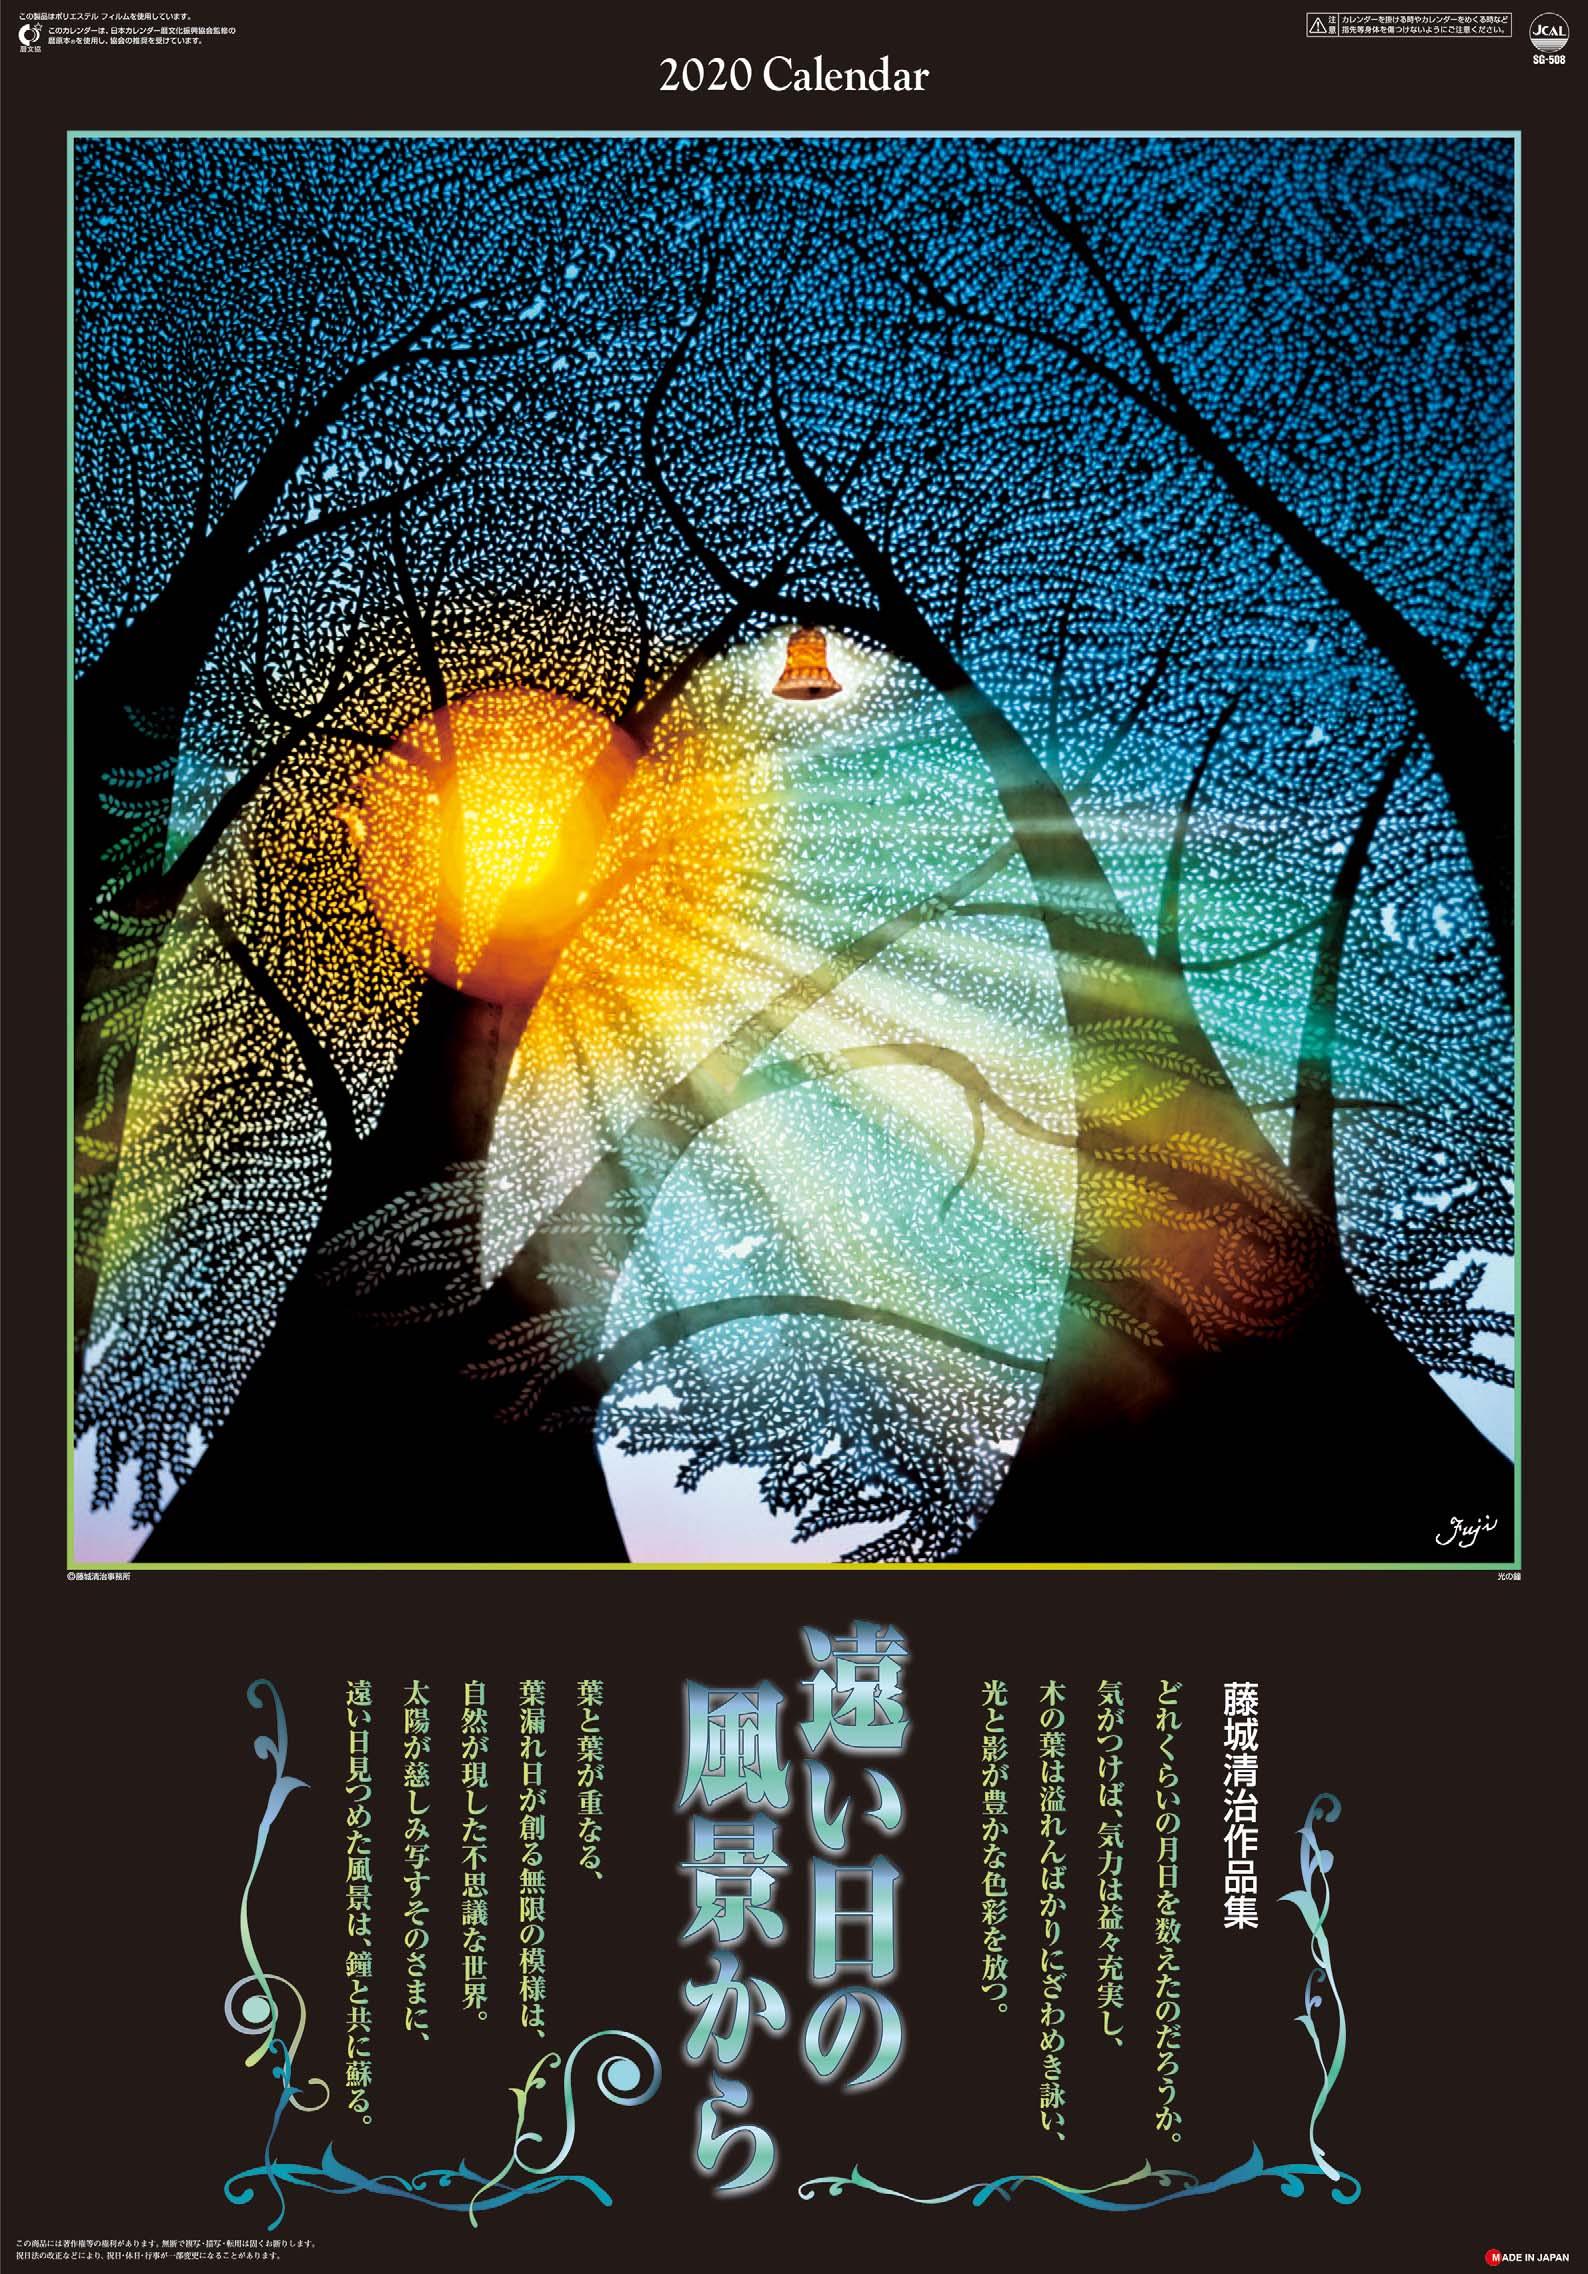 遠い日の風景から 藤城清治 (影絵)(フィルムカレンダー) 2020年カレンダー